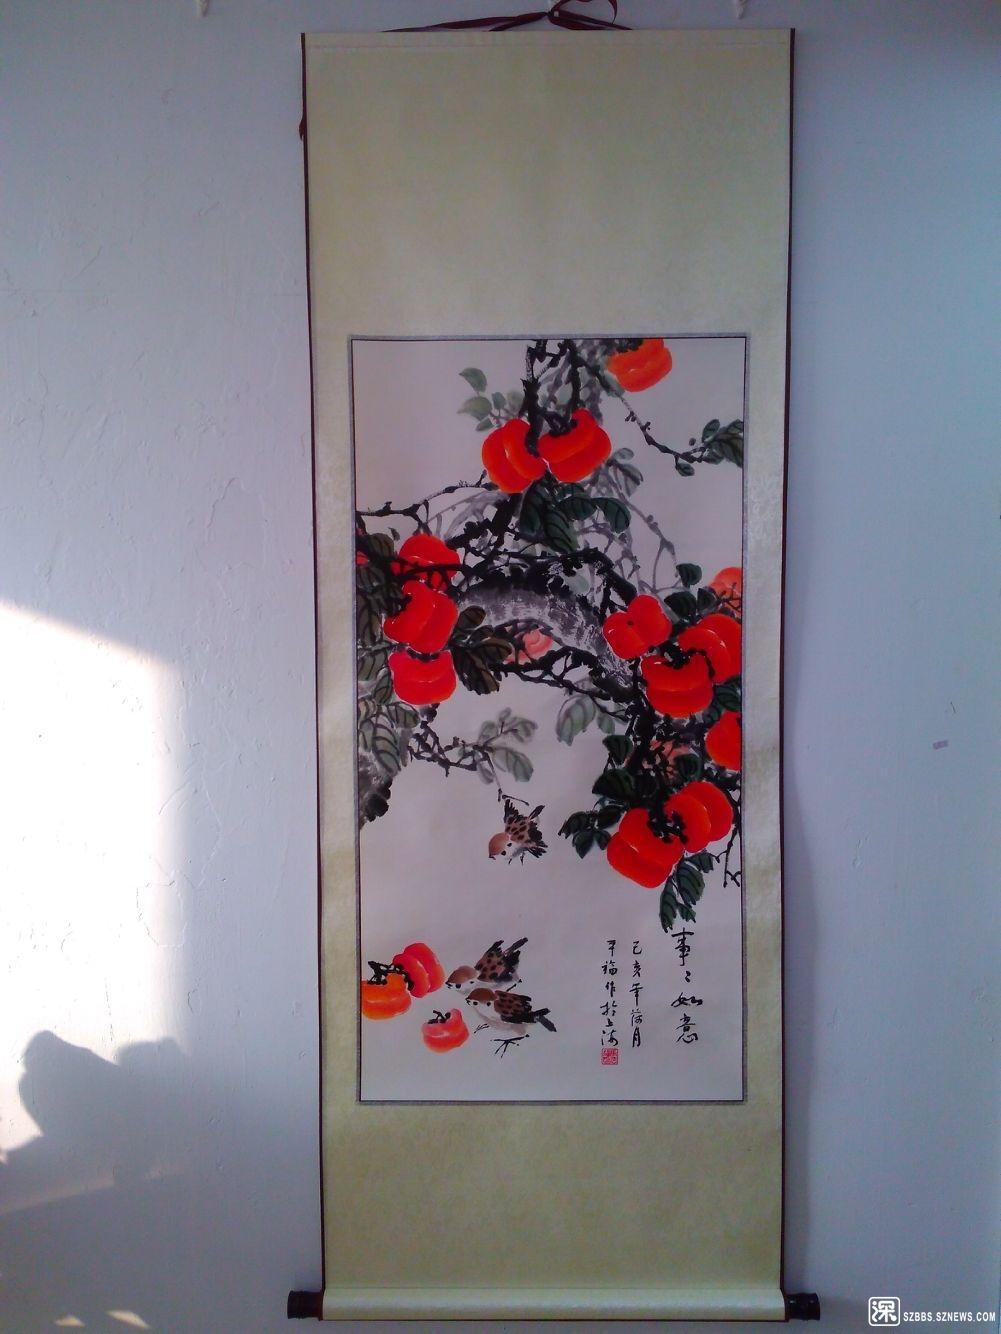 马平福 国际知名书画家 国画作品2.jpg